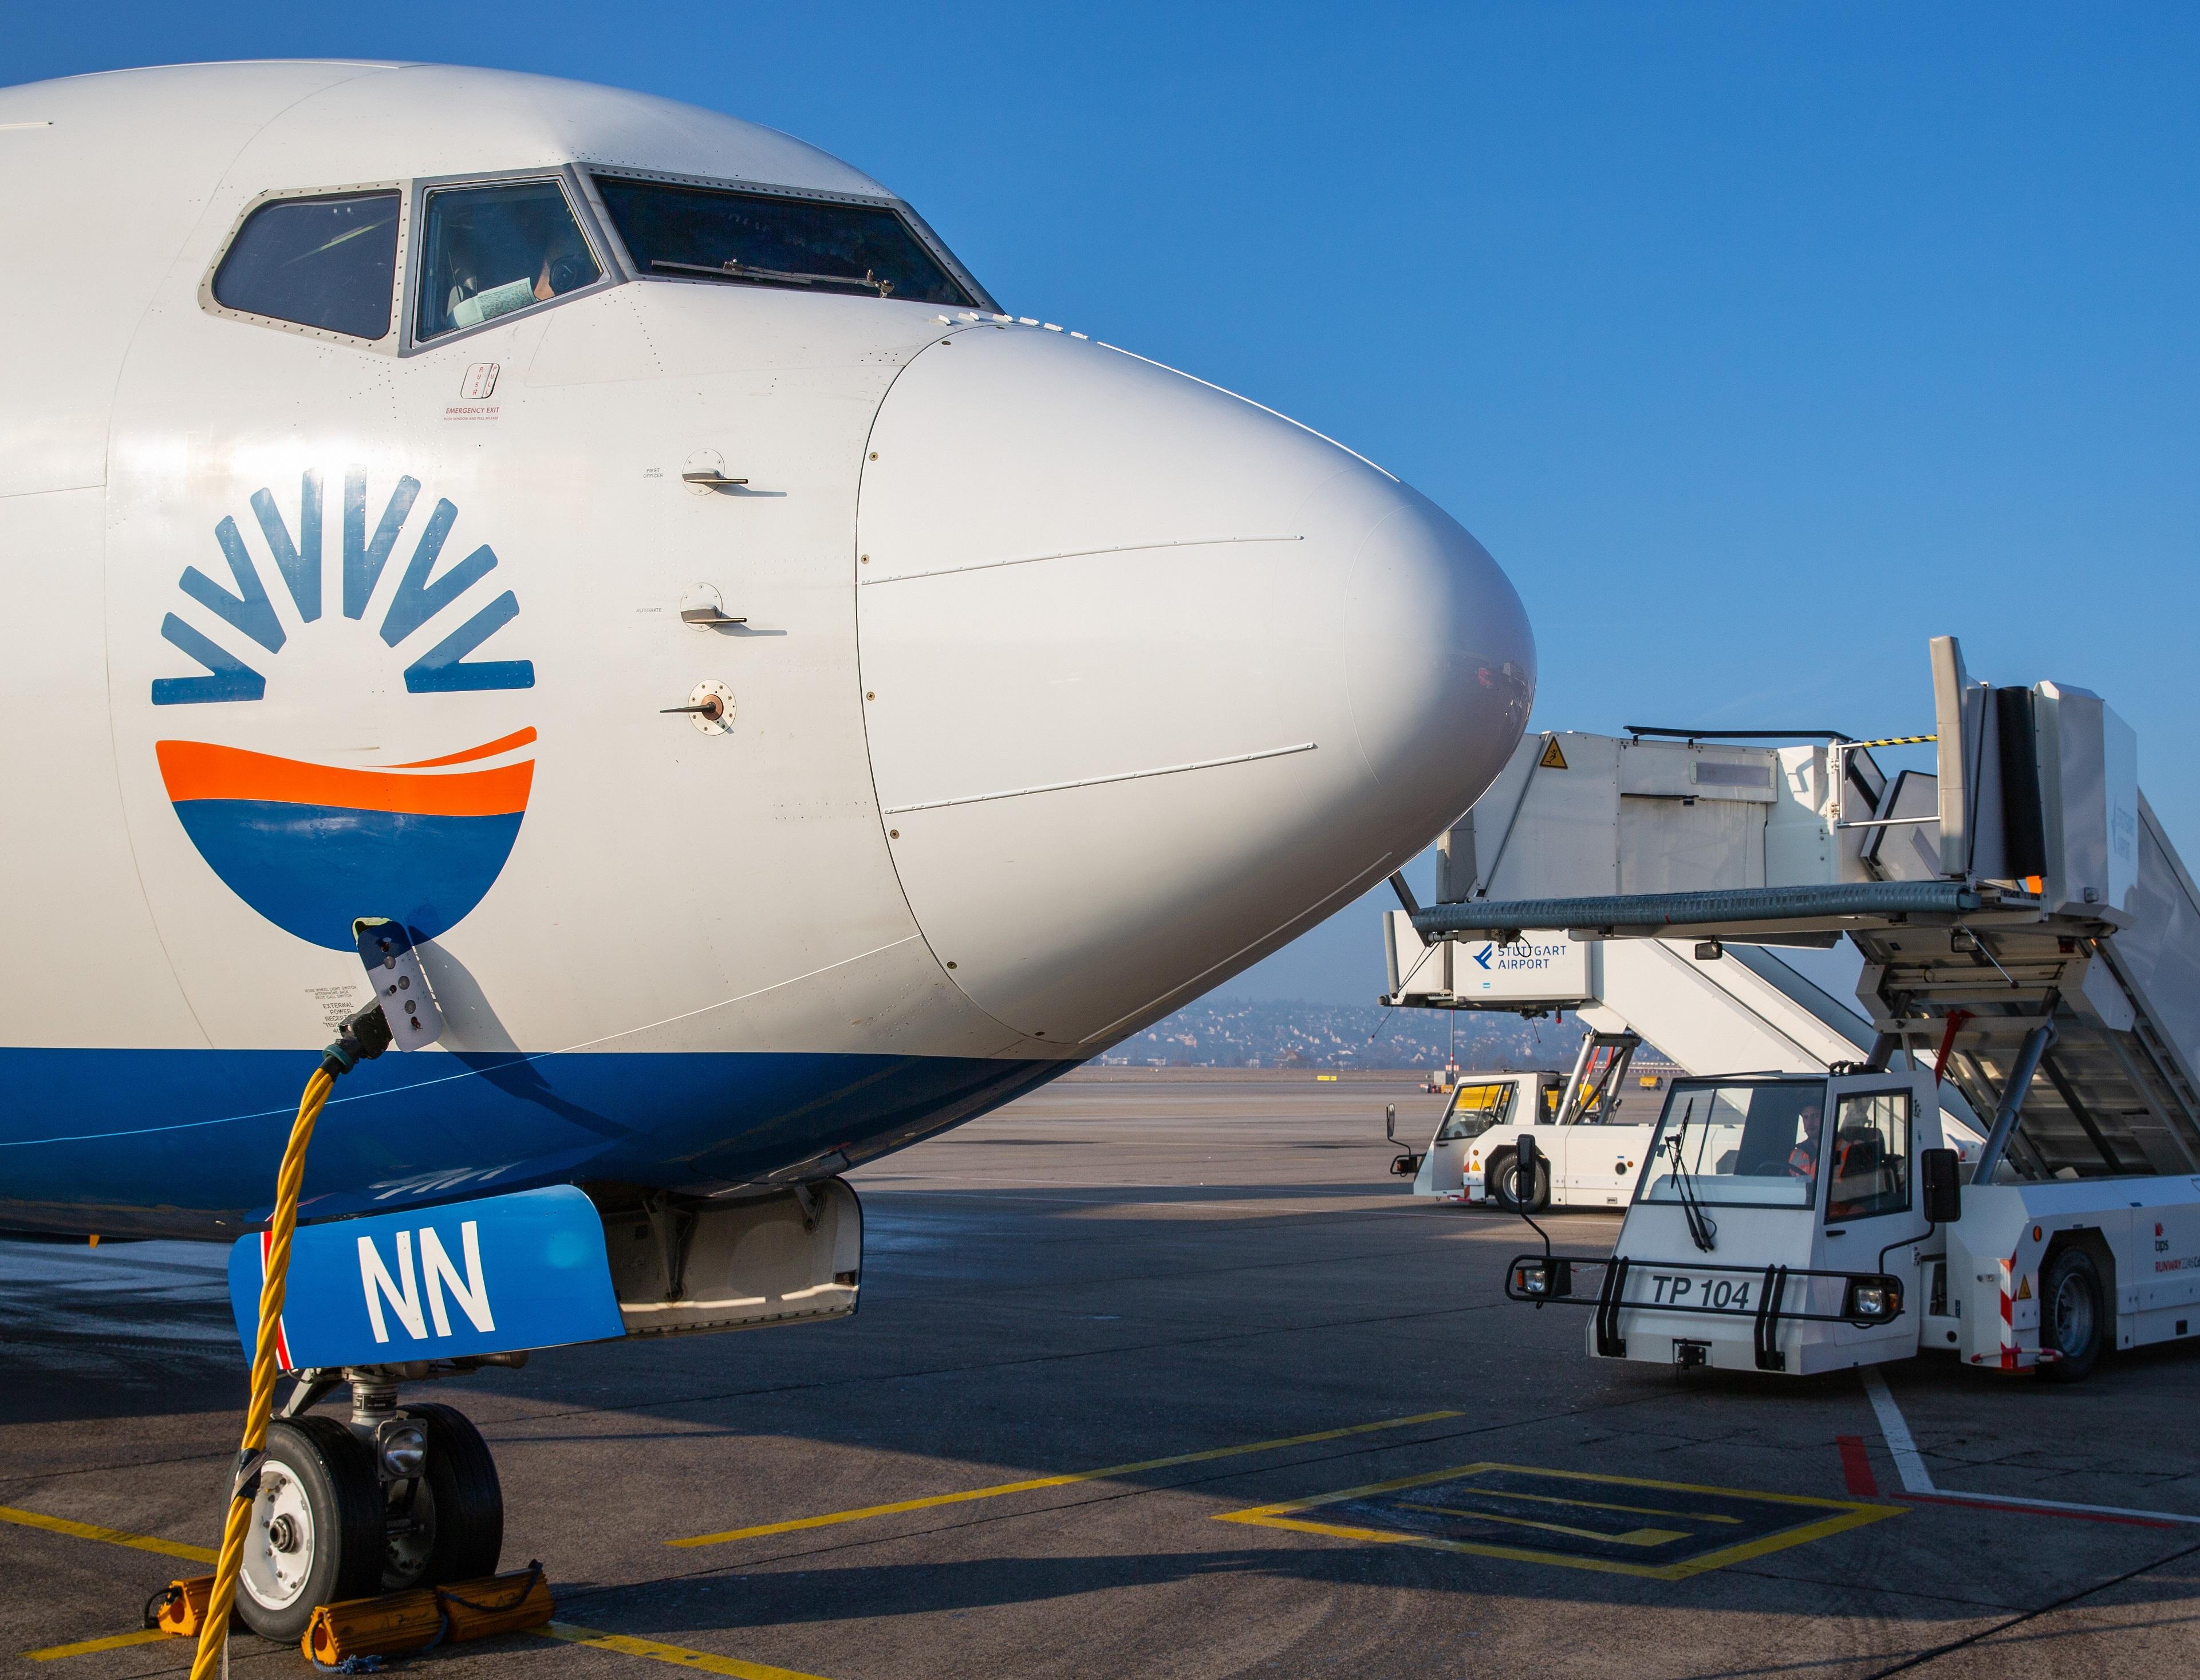 Sunexpress sitzplätze Boeing 737